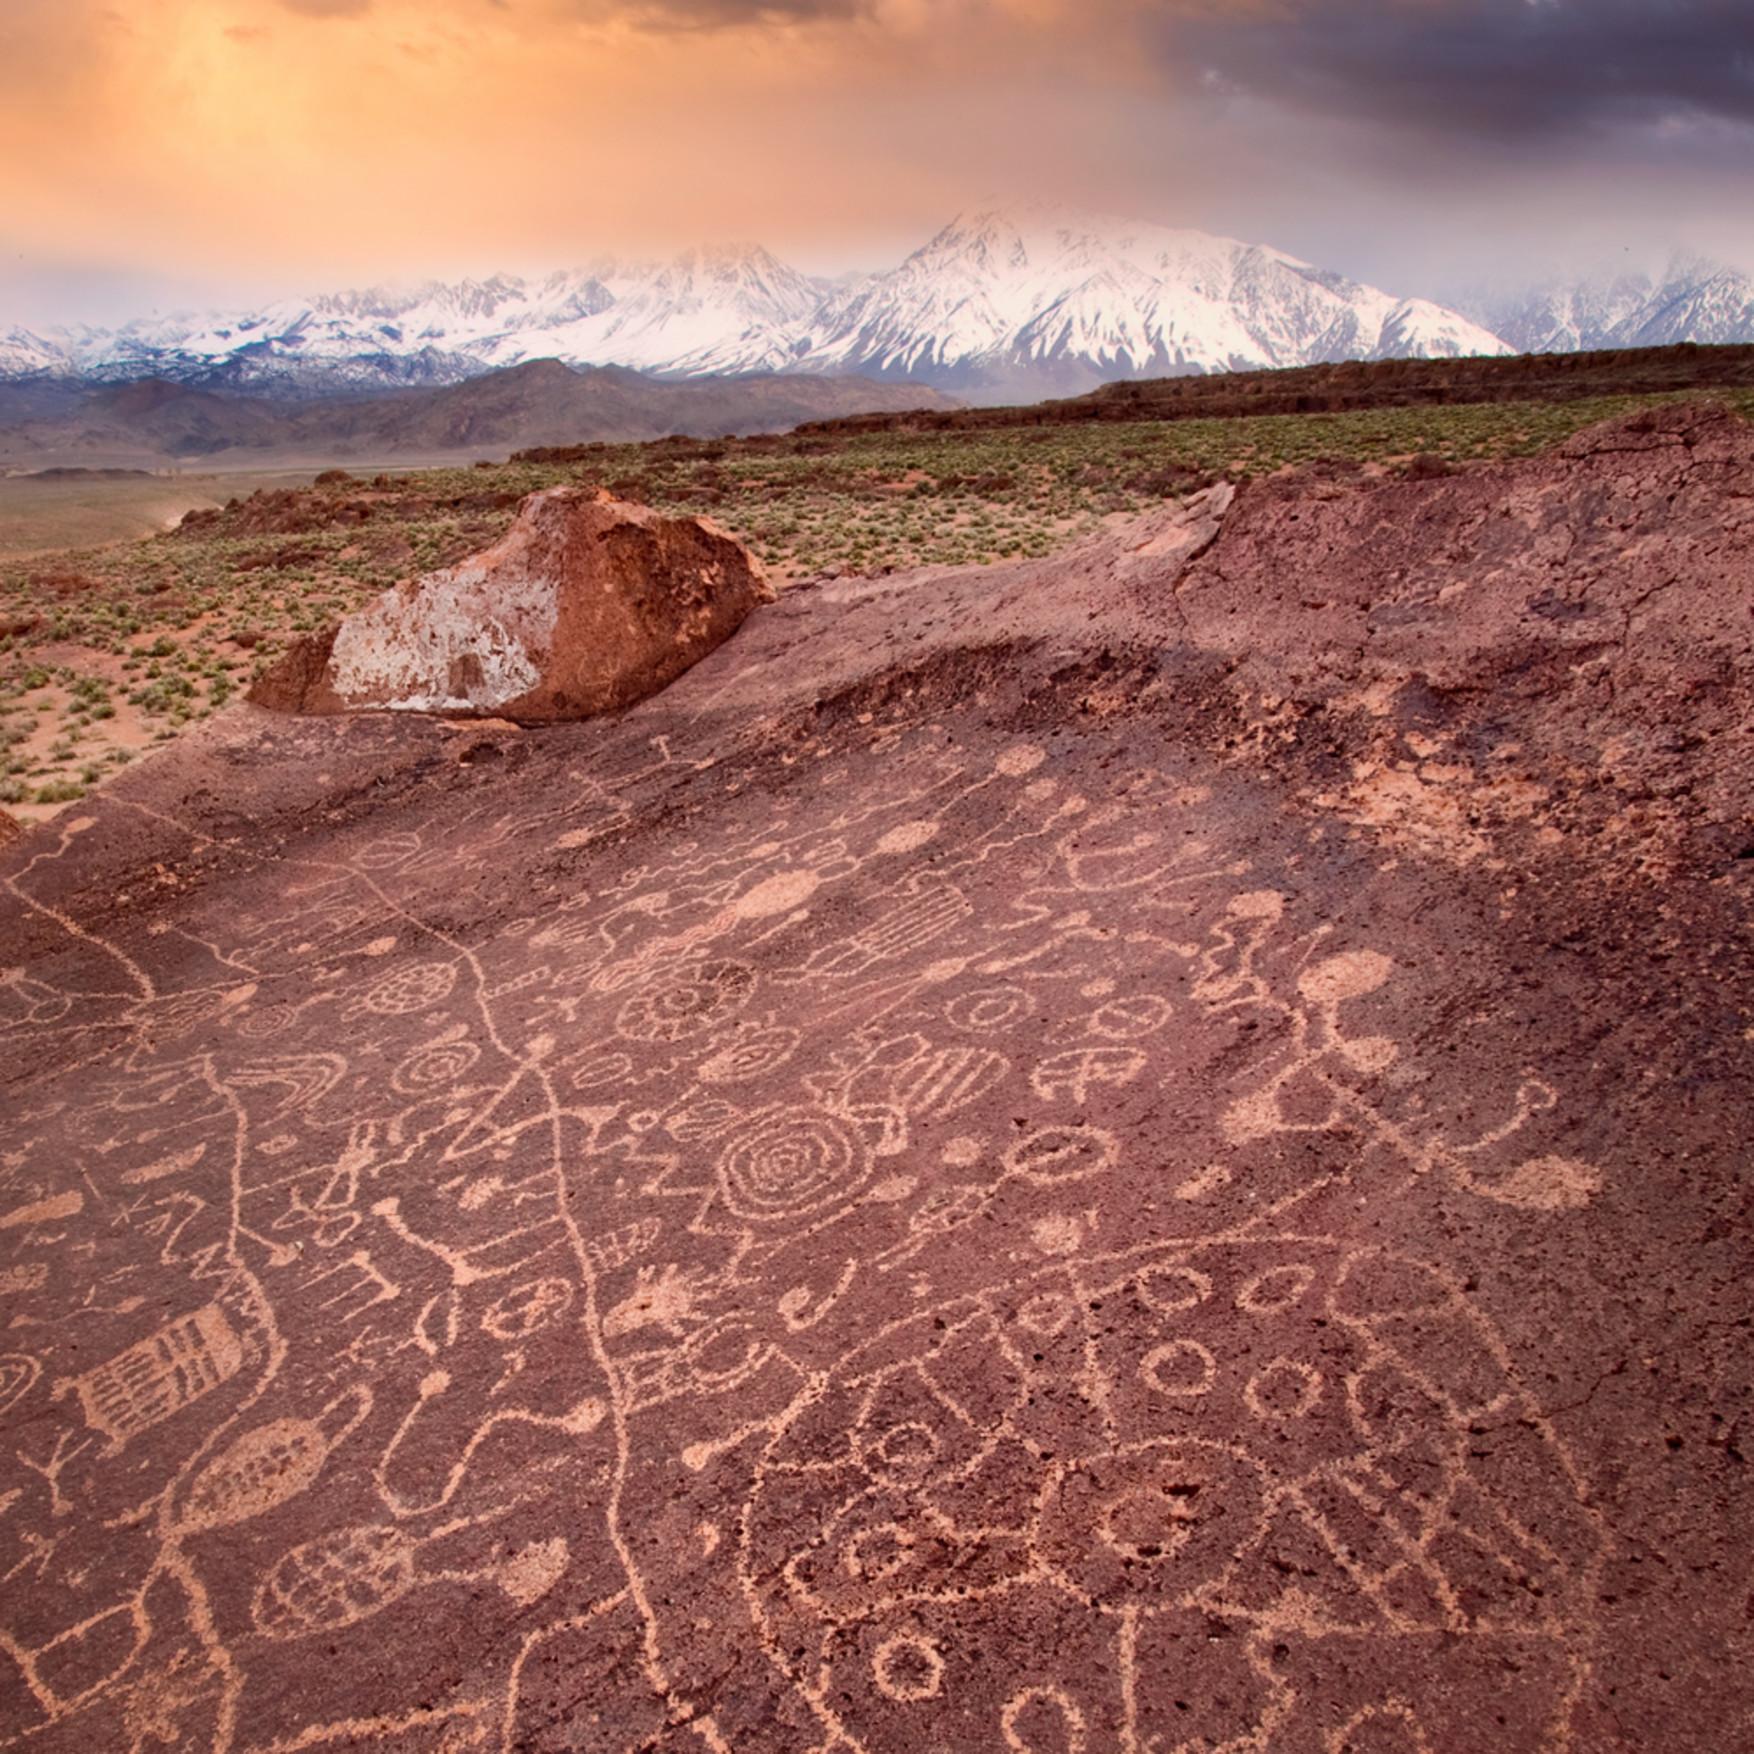 Sunset on petroglyphs v o8hkzl